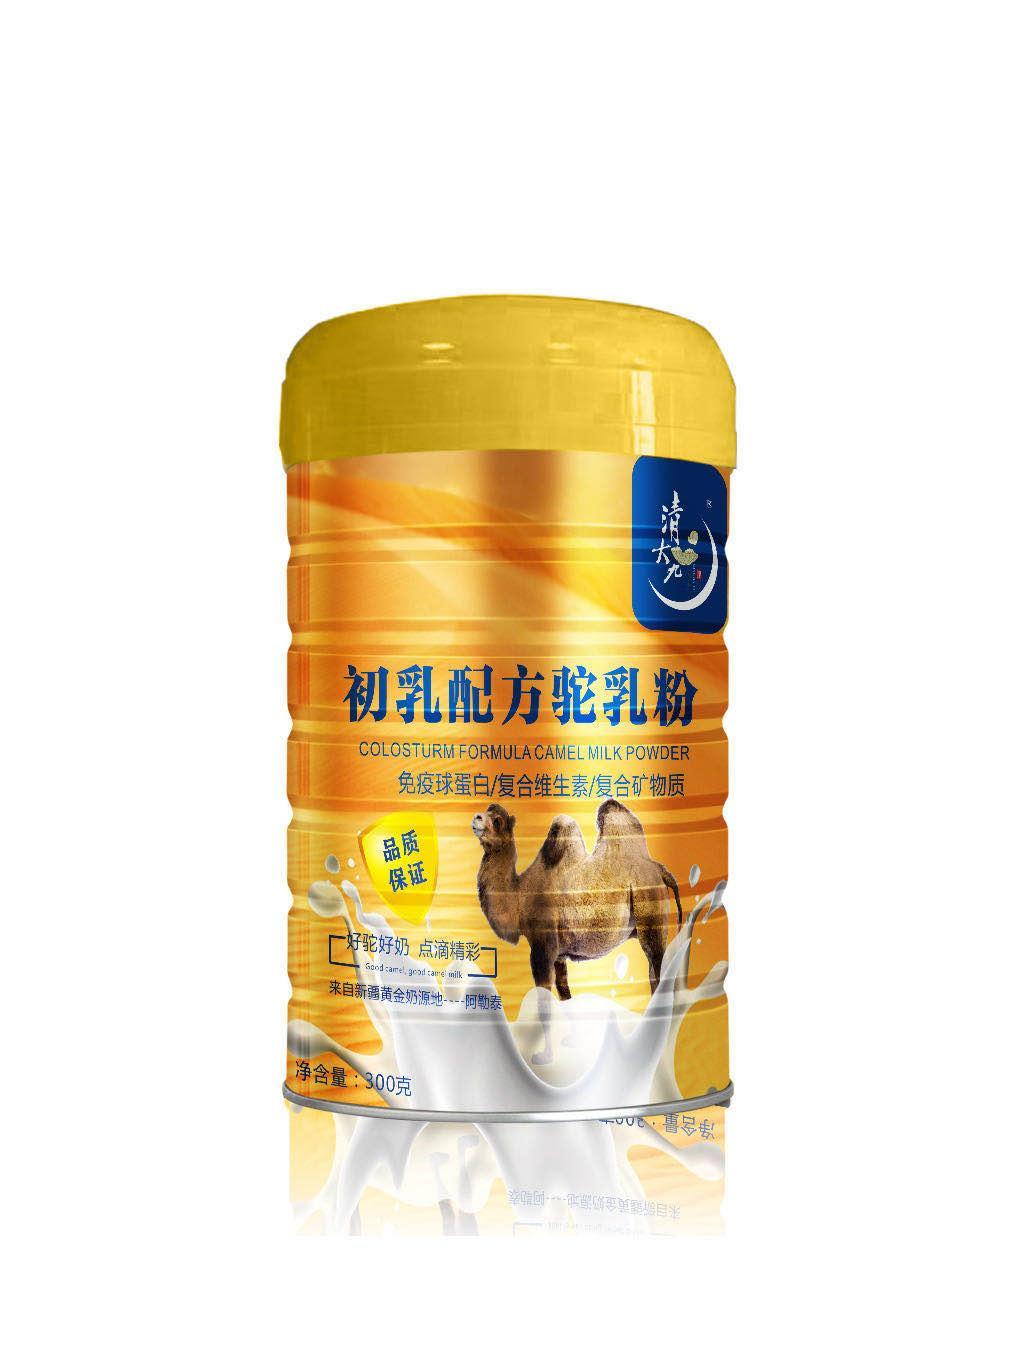 供应清大九初乳配方驼乳粉益生菌配方驼乳粉(会销、终端)招商